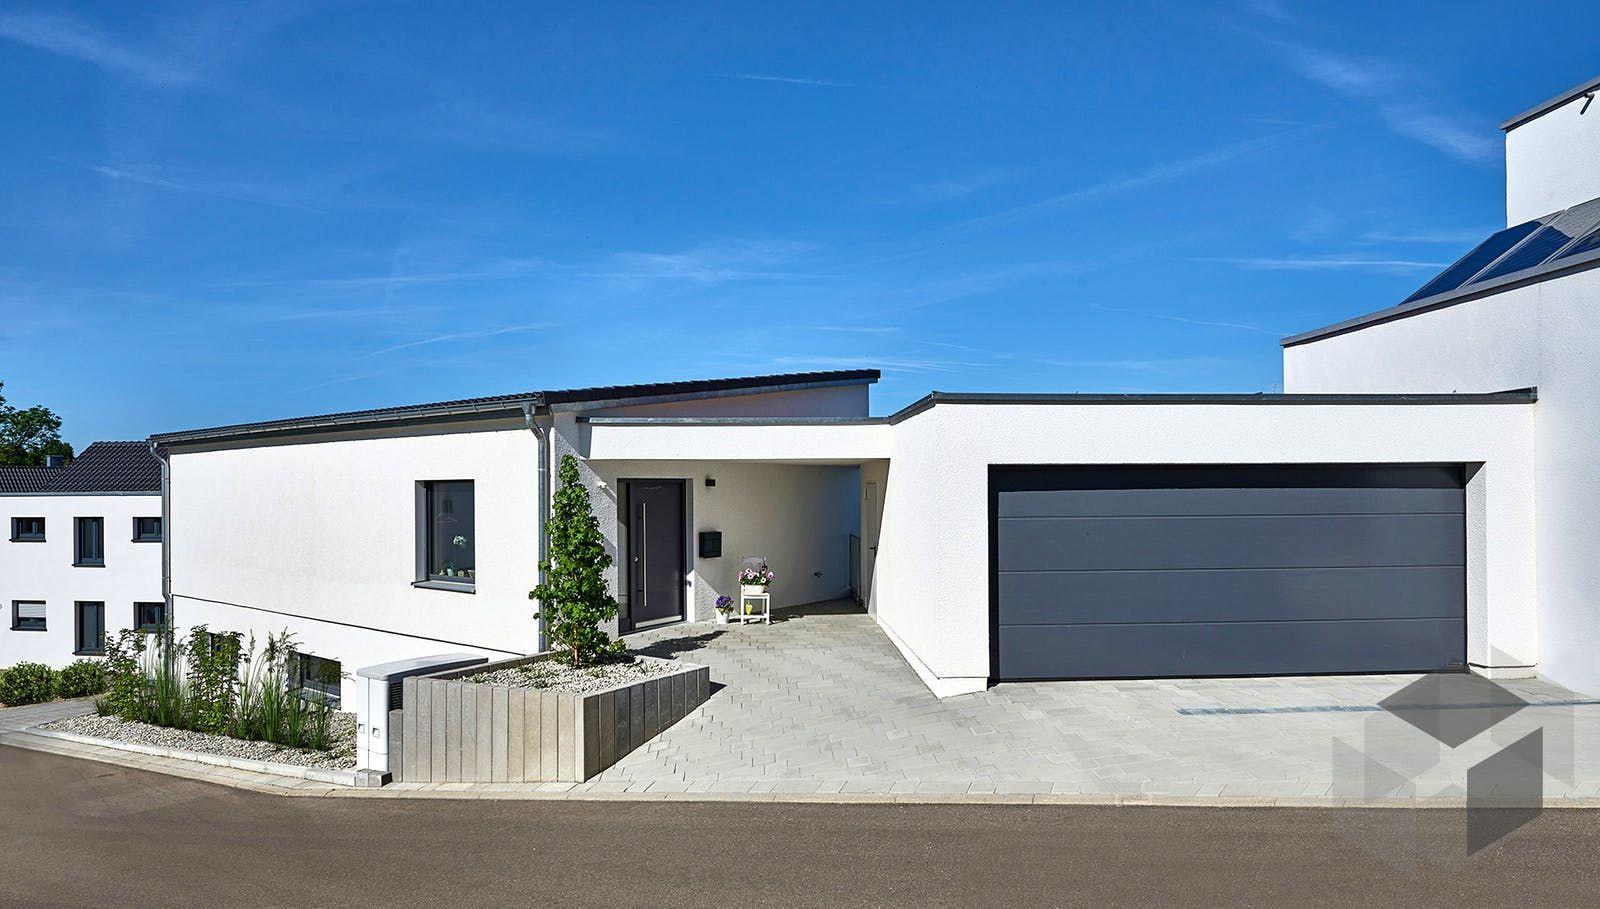 50+ Haus mit integrierter garage ideen